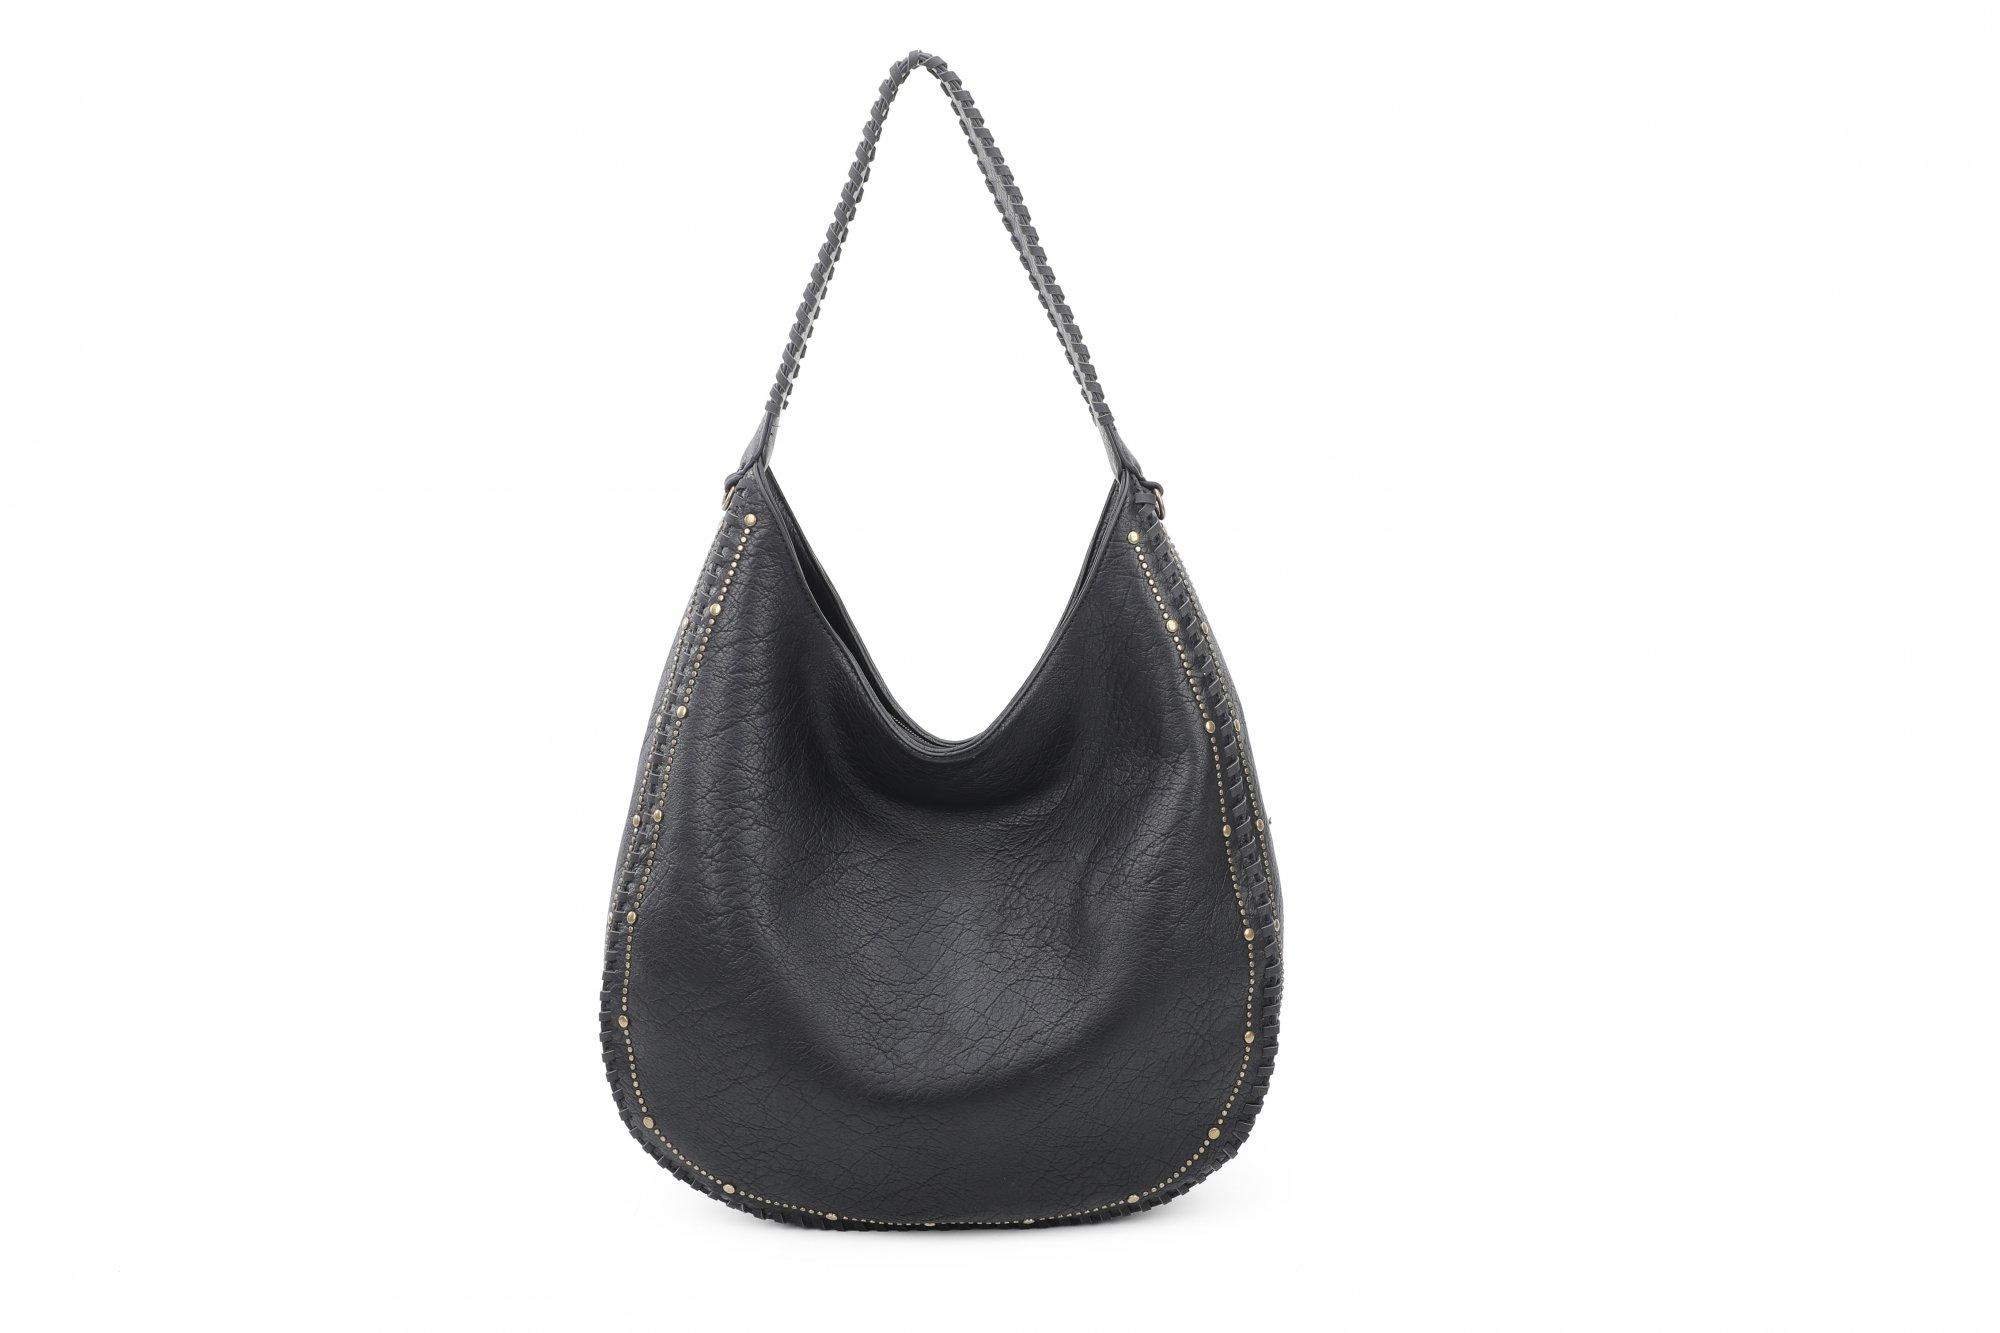 Vegan Leather Studded Hobo Bag